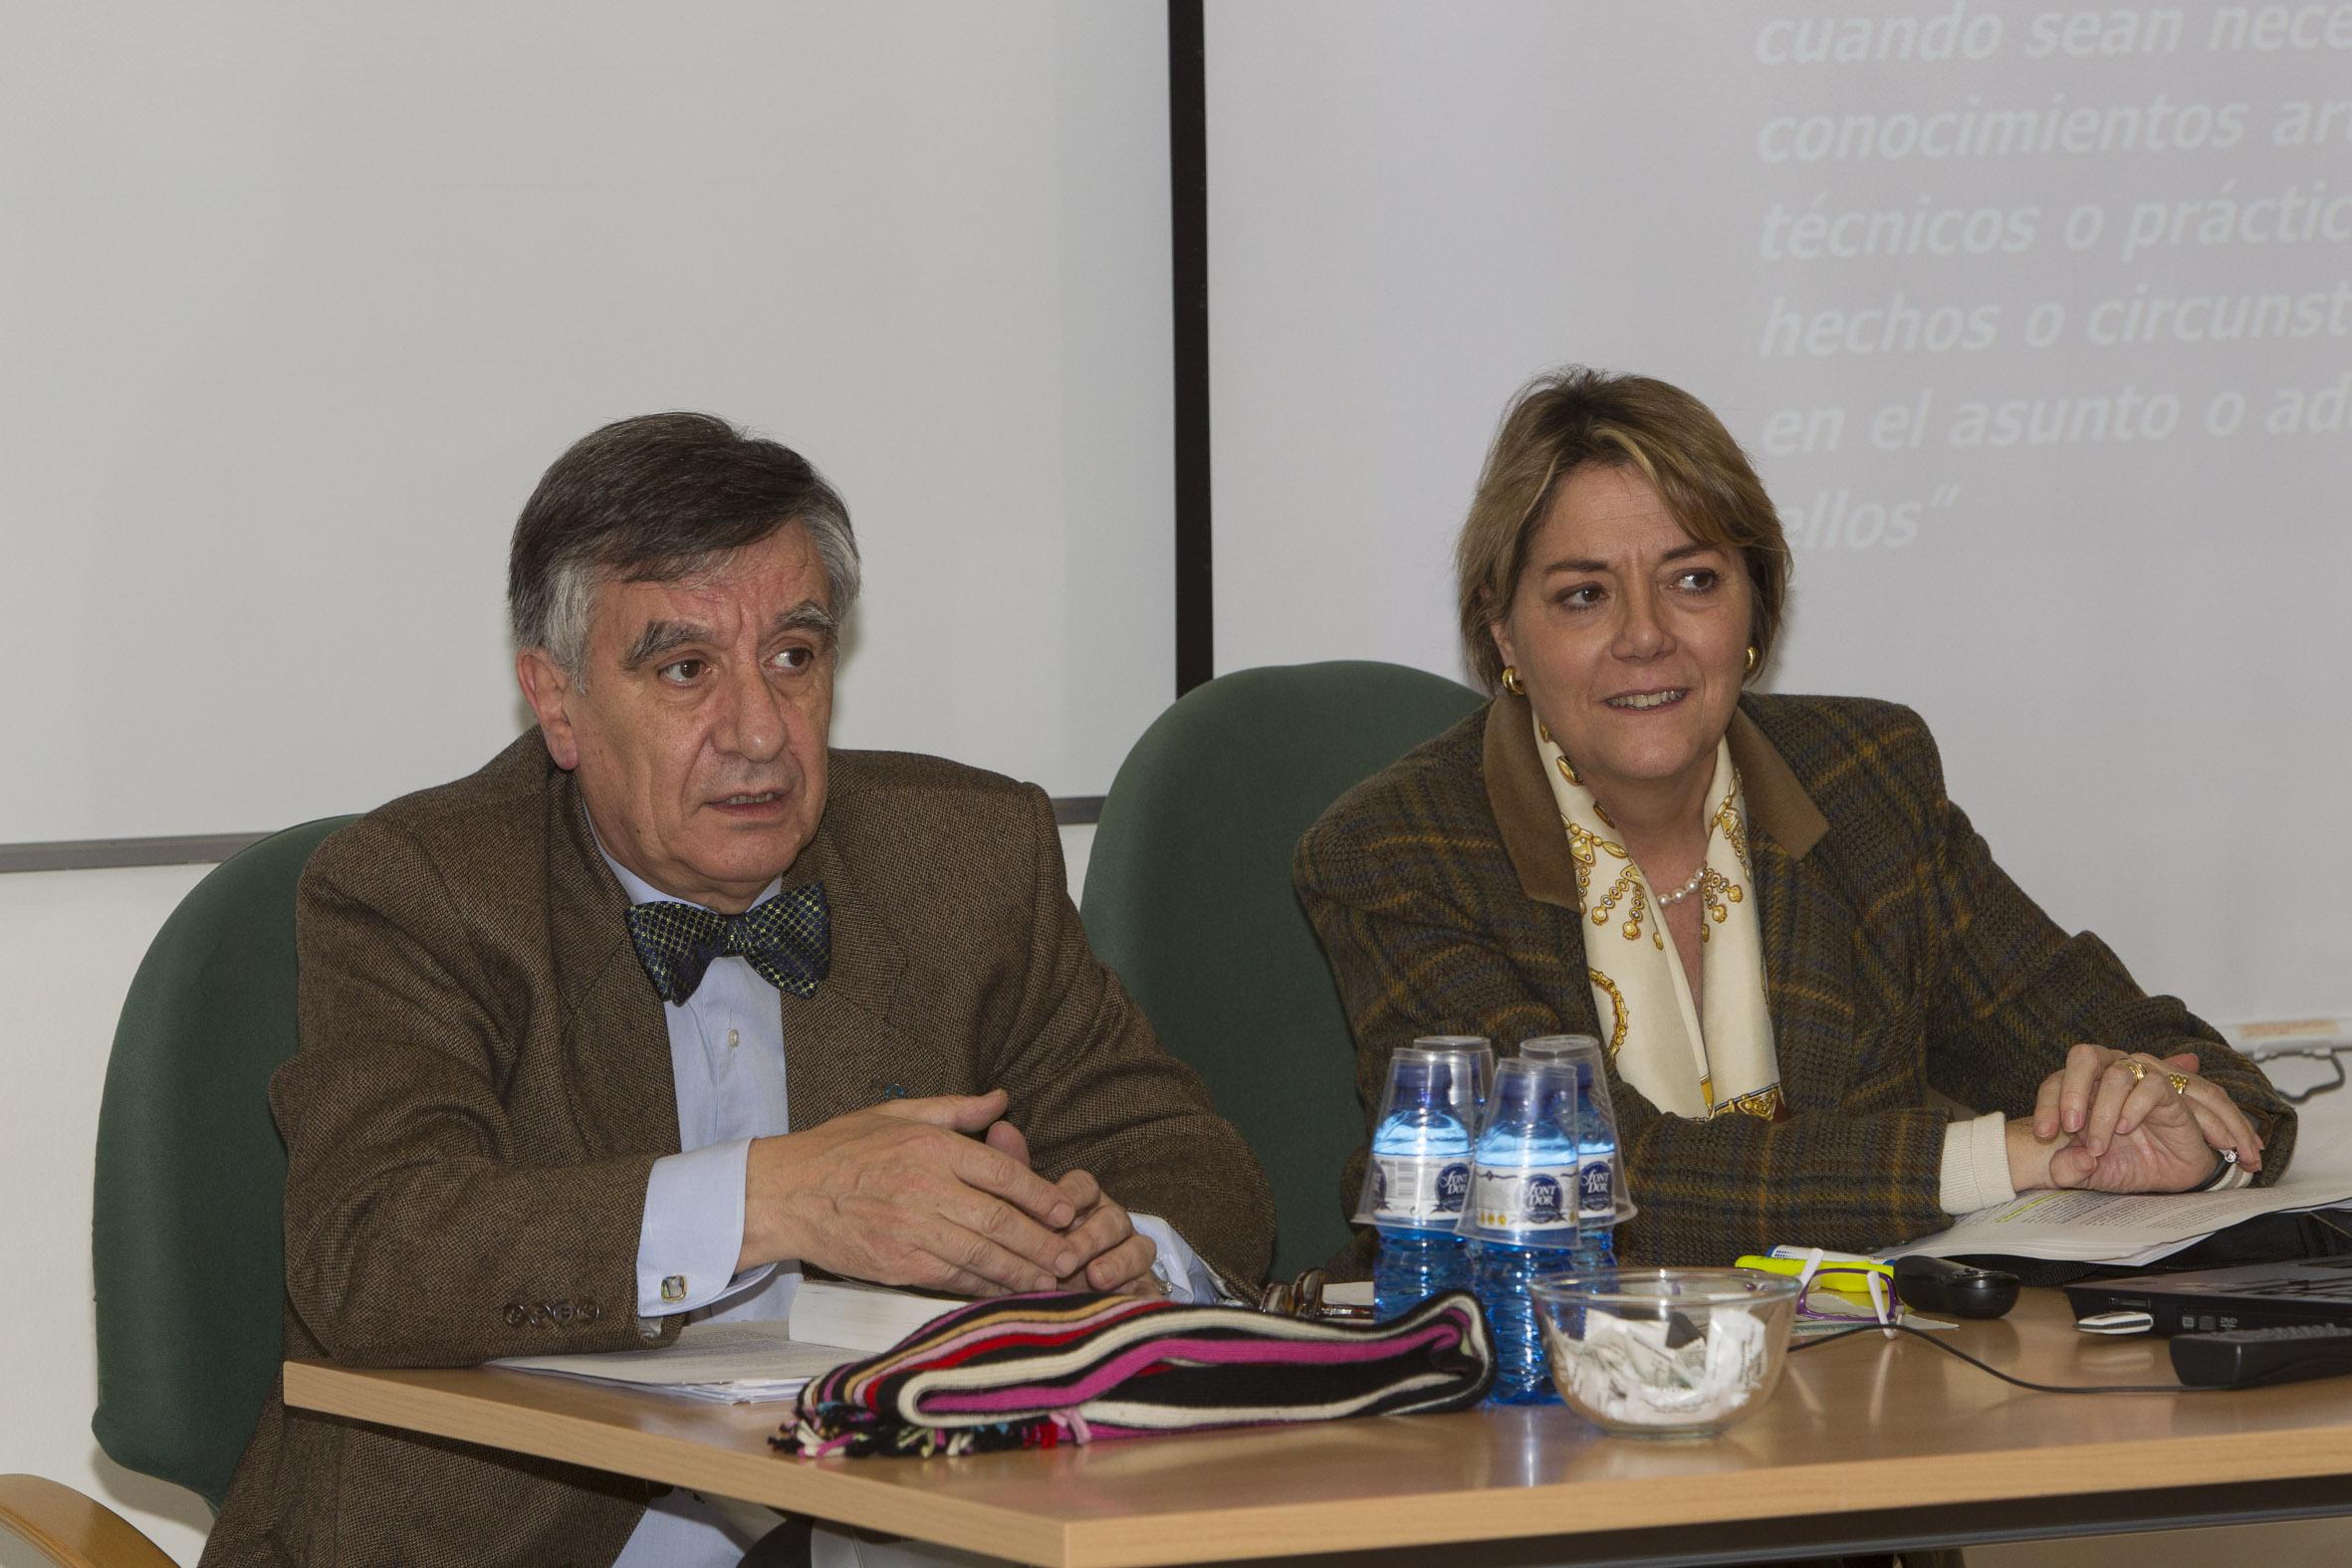 sessio-practica-perits-judicials-farmaceutics